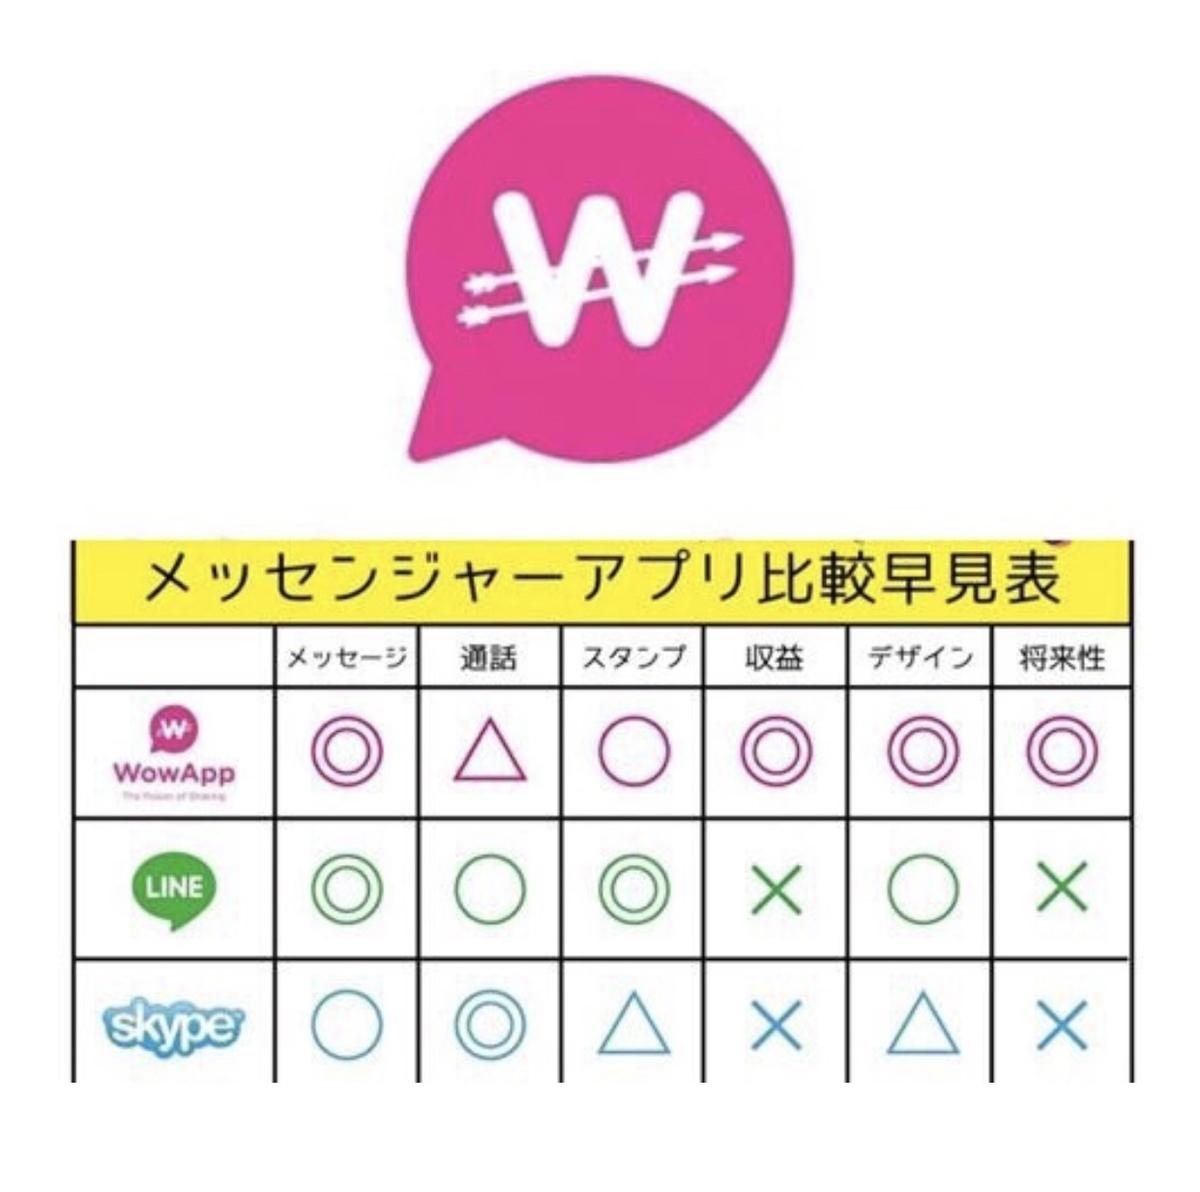 f:id:kaoruikeda:20210715190416j:plain